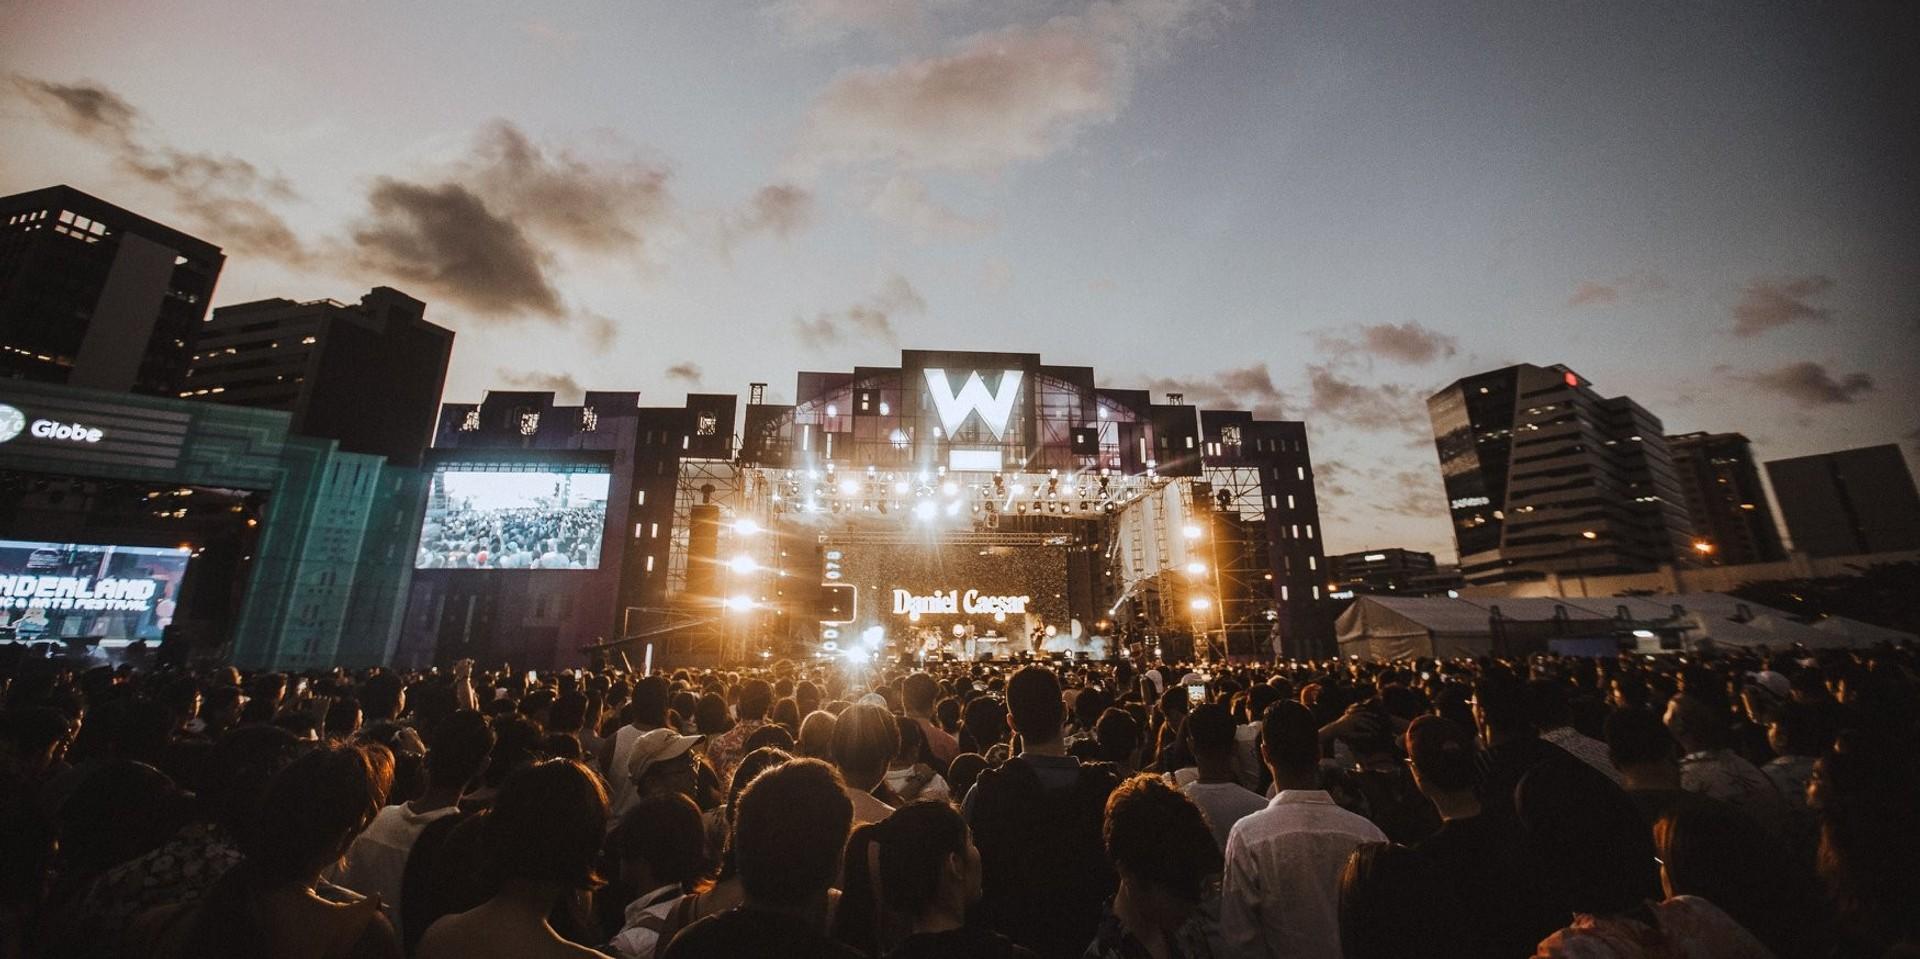 Wanderland announces 2019 festival dates